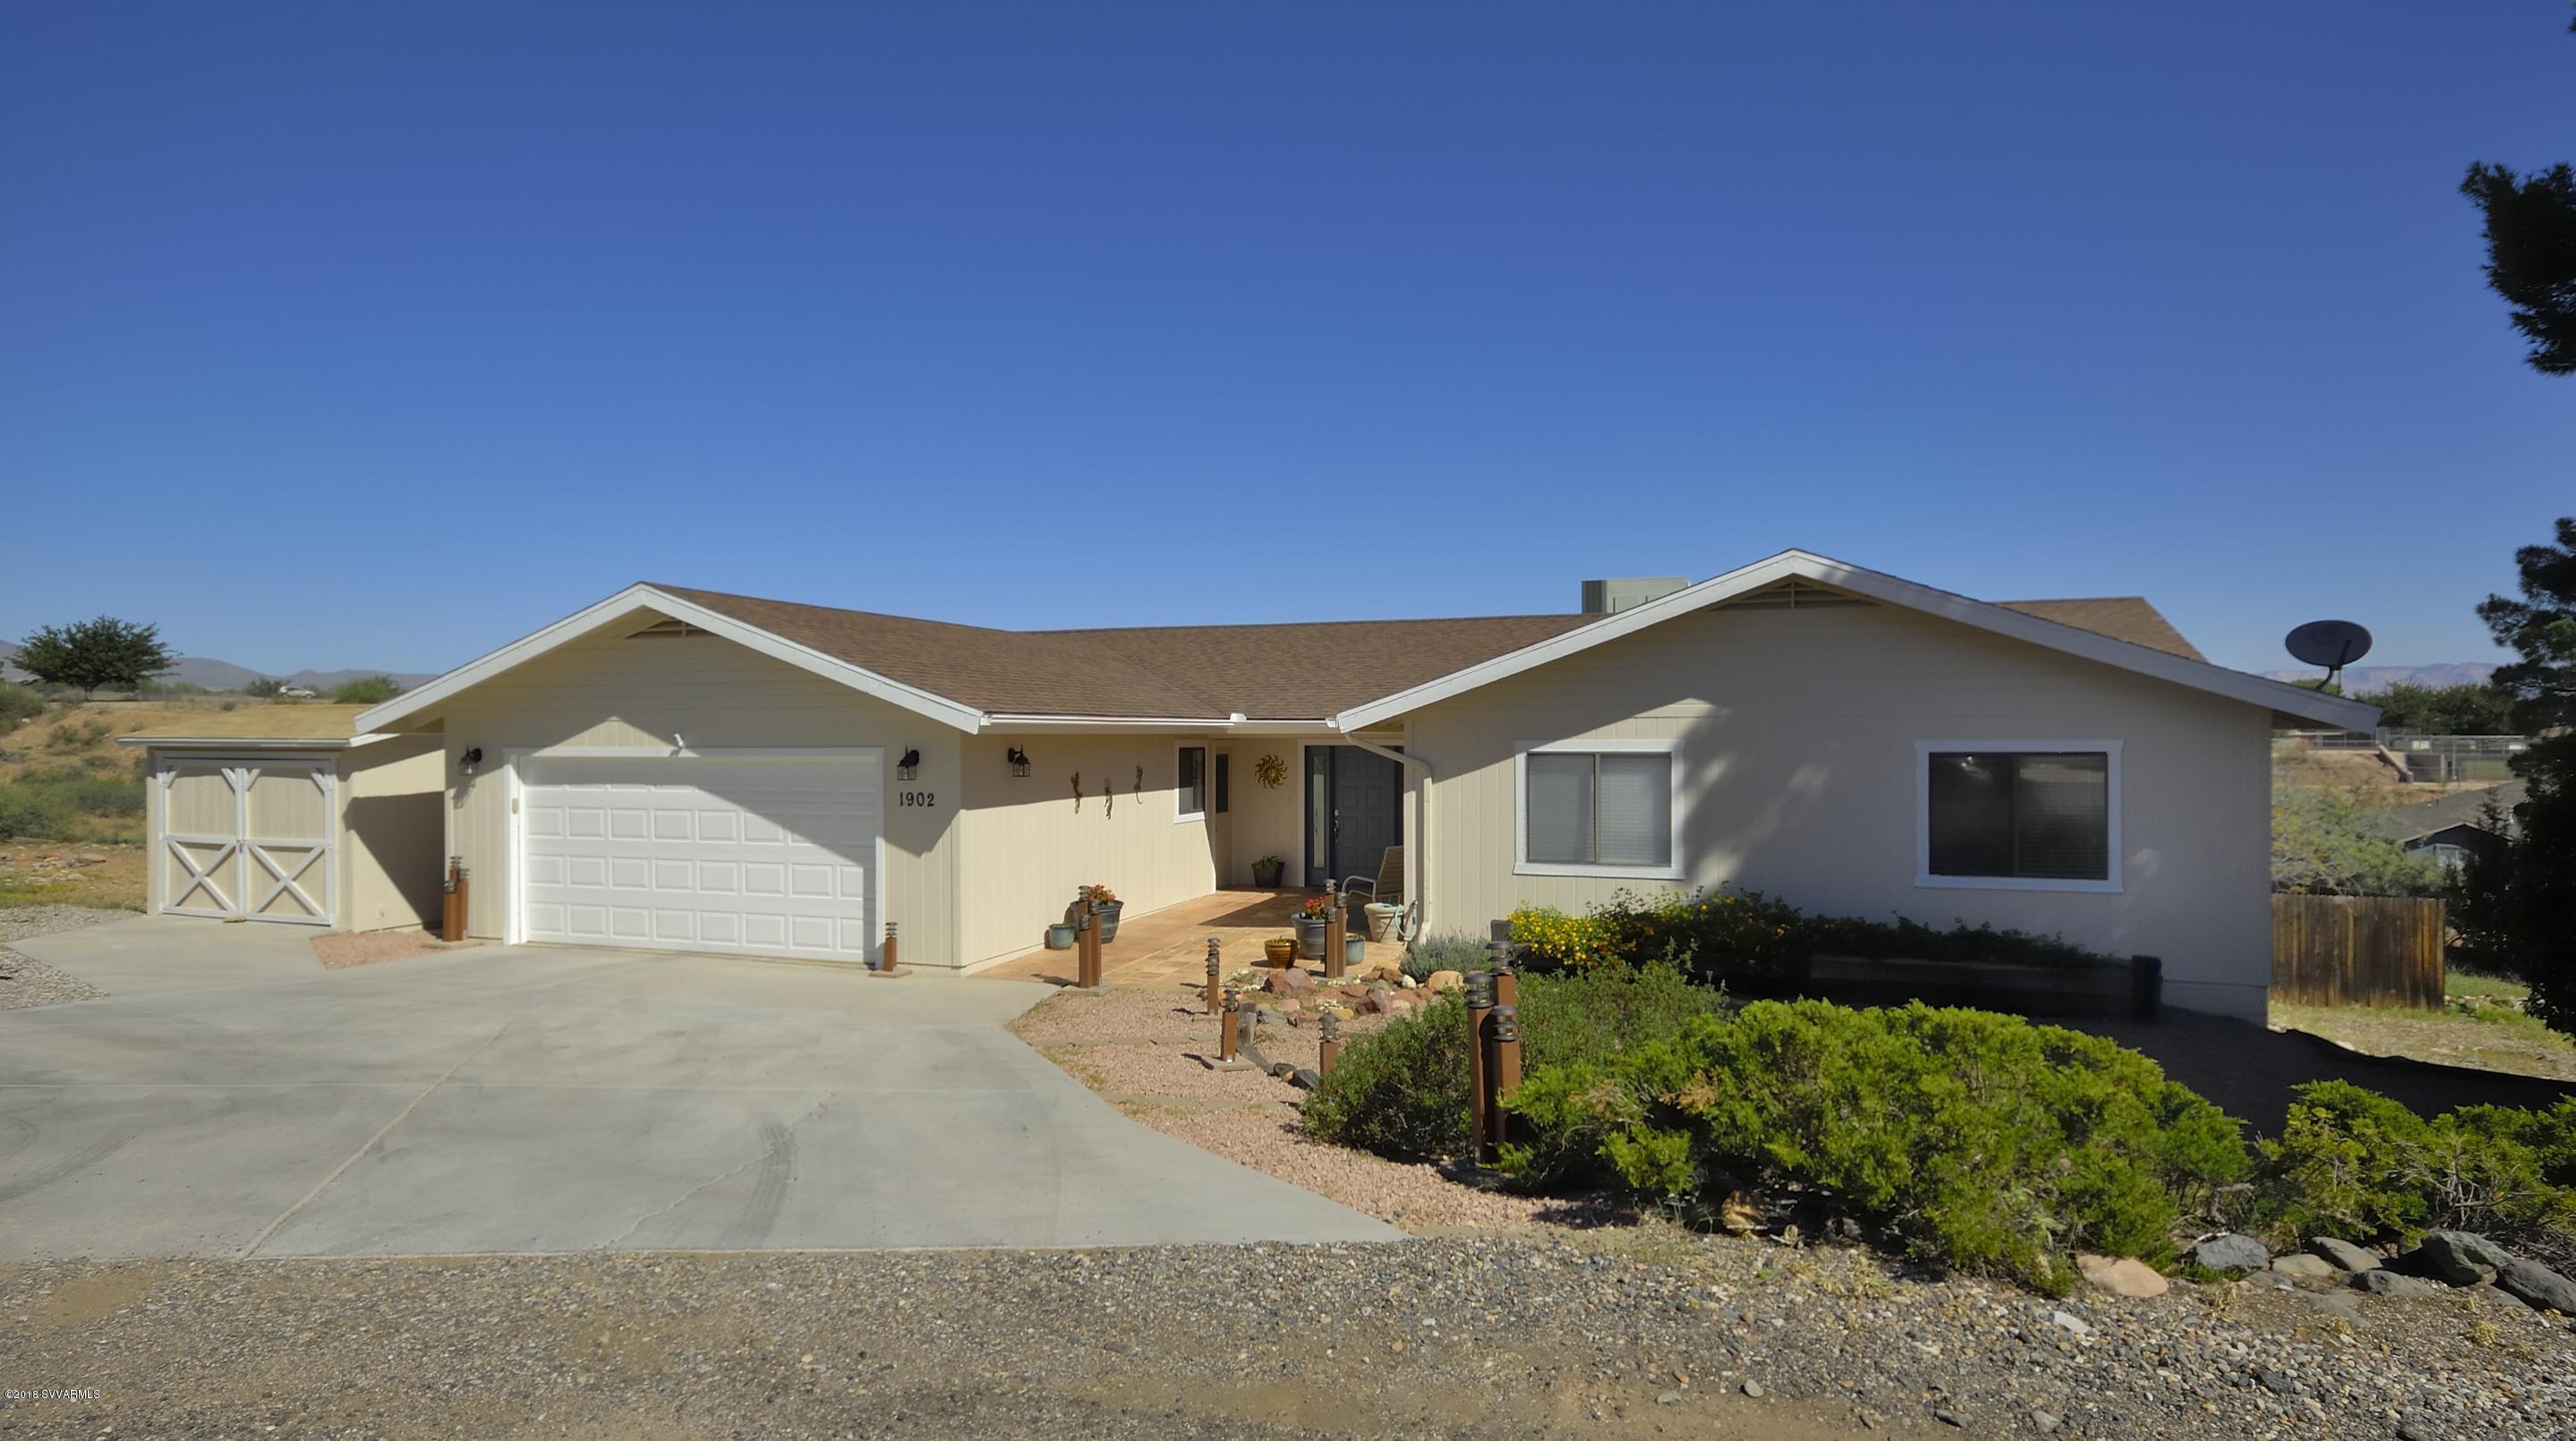 1902 Burro Circle Cottonwood, AZ 86326